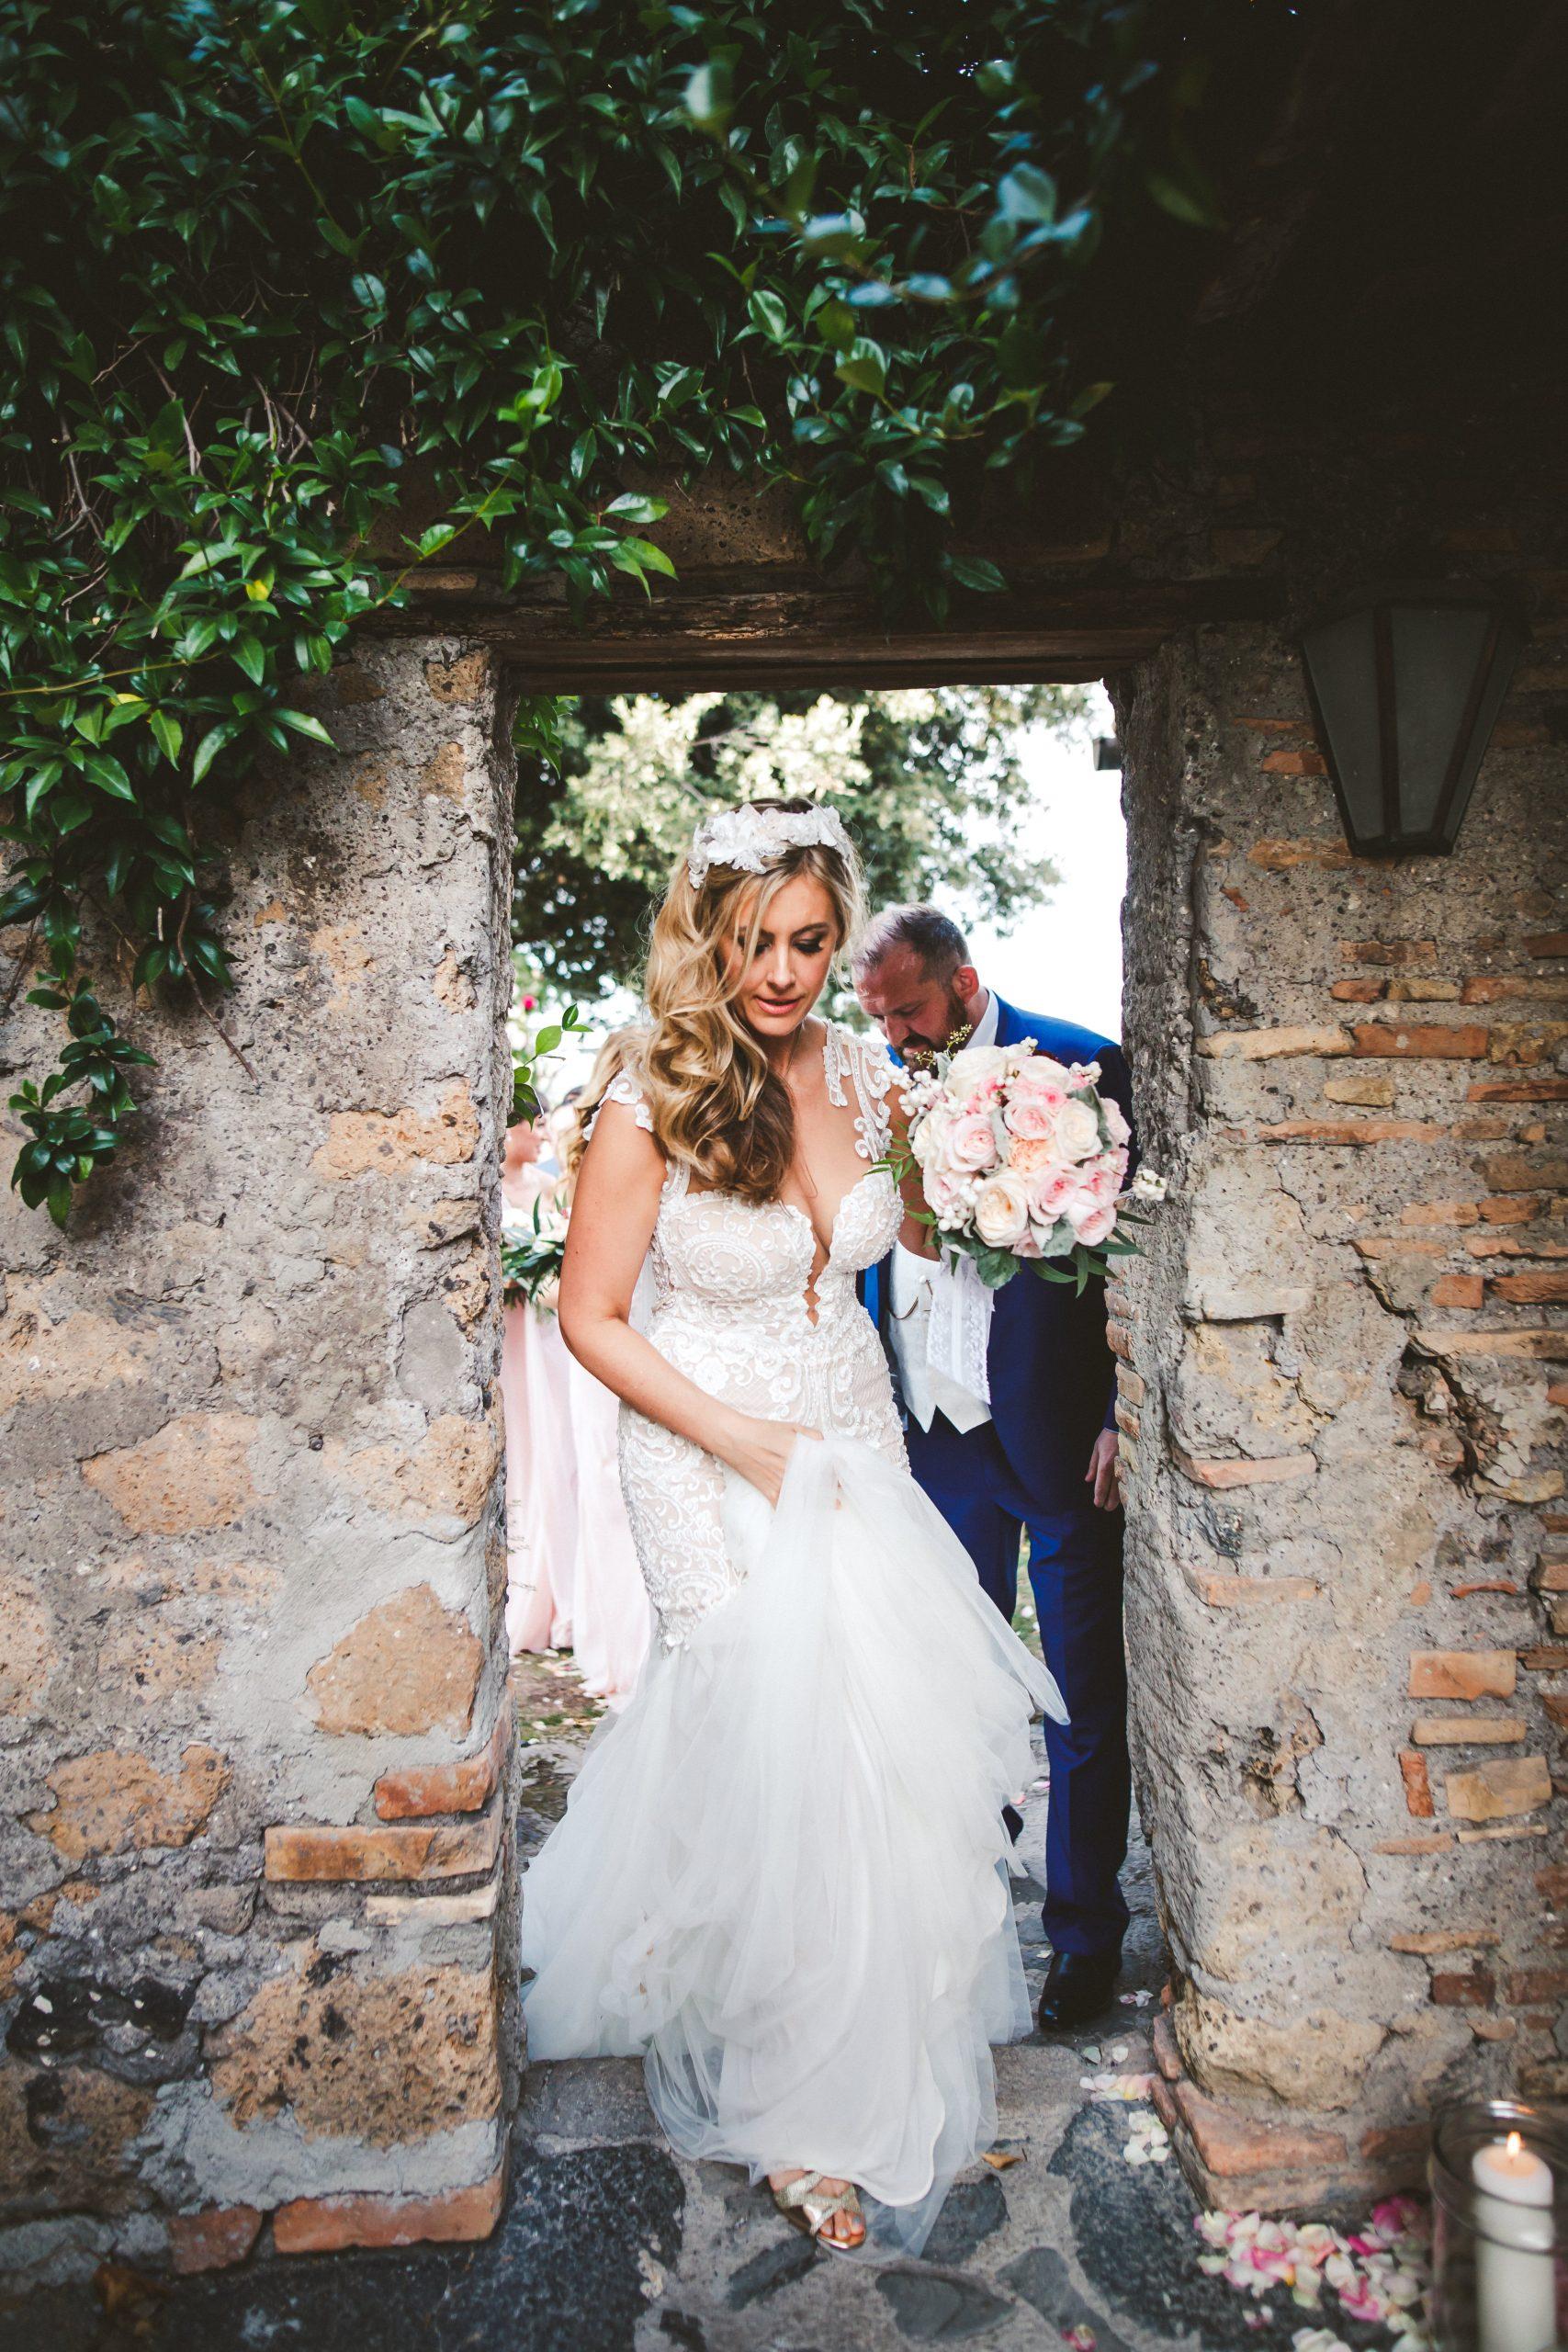 Wedding at Borgo di Tragliata